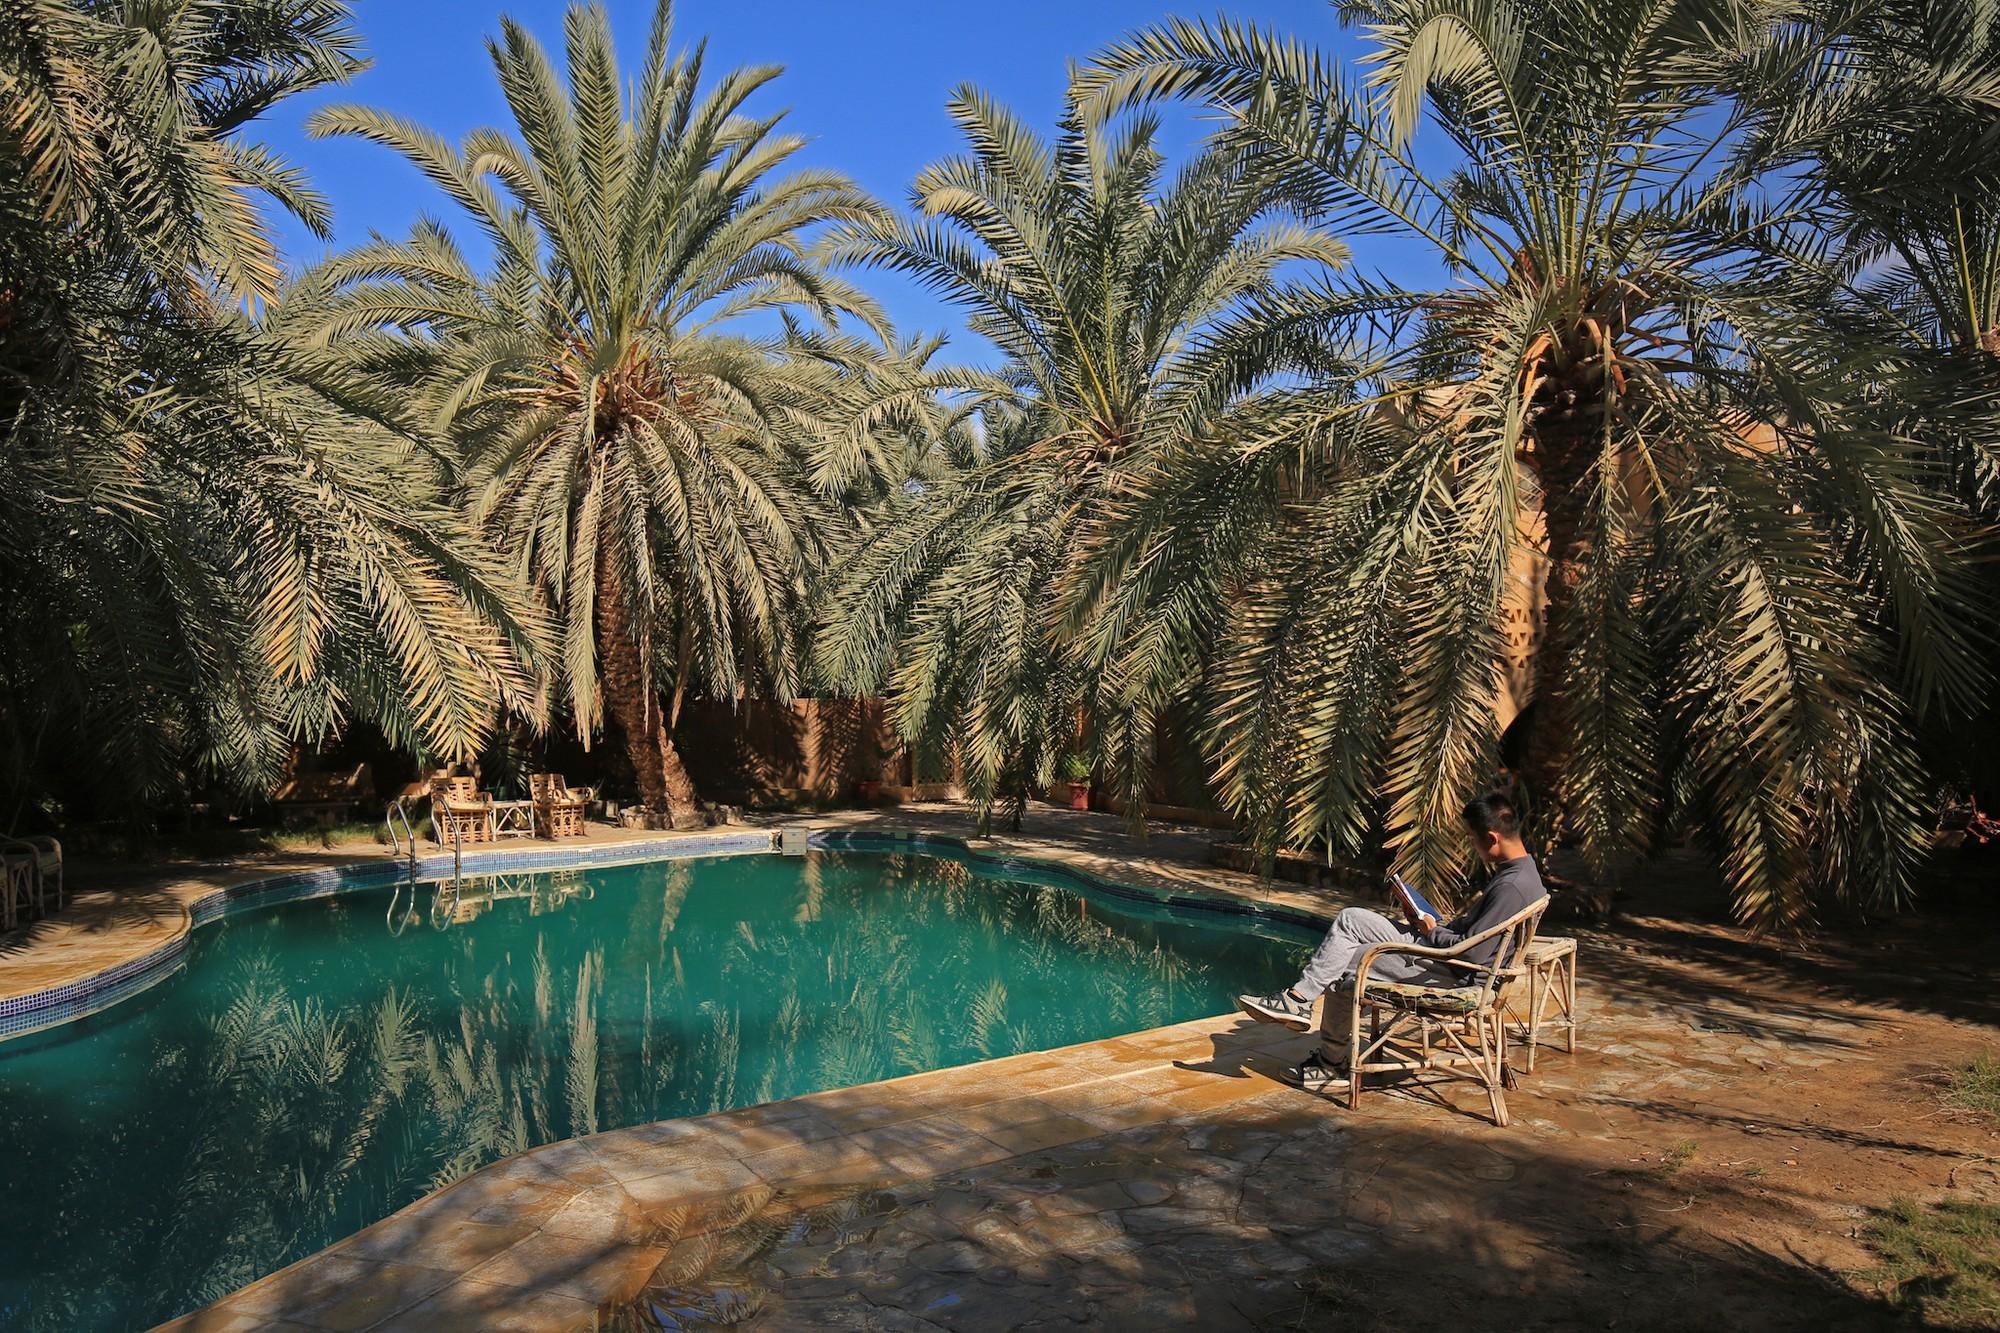 Ai Cập đẹp hơn tất cả những gì chúng ta vẫn tưởng tượng trong bộ ảnh mới nhất của Tâm Bùi - Ảnh 13.